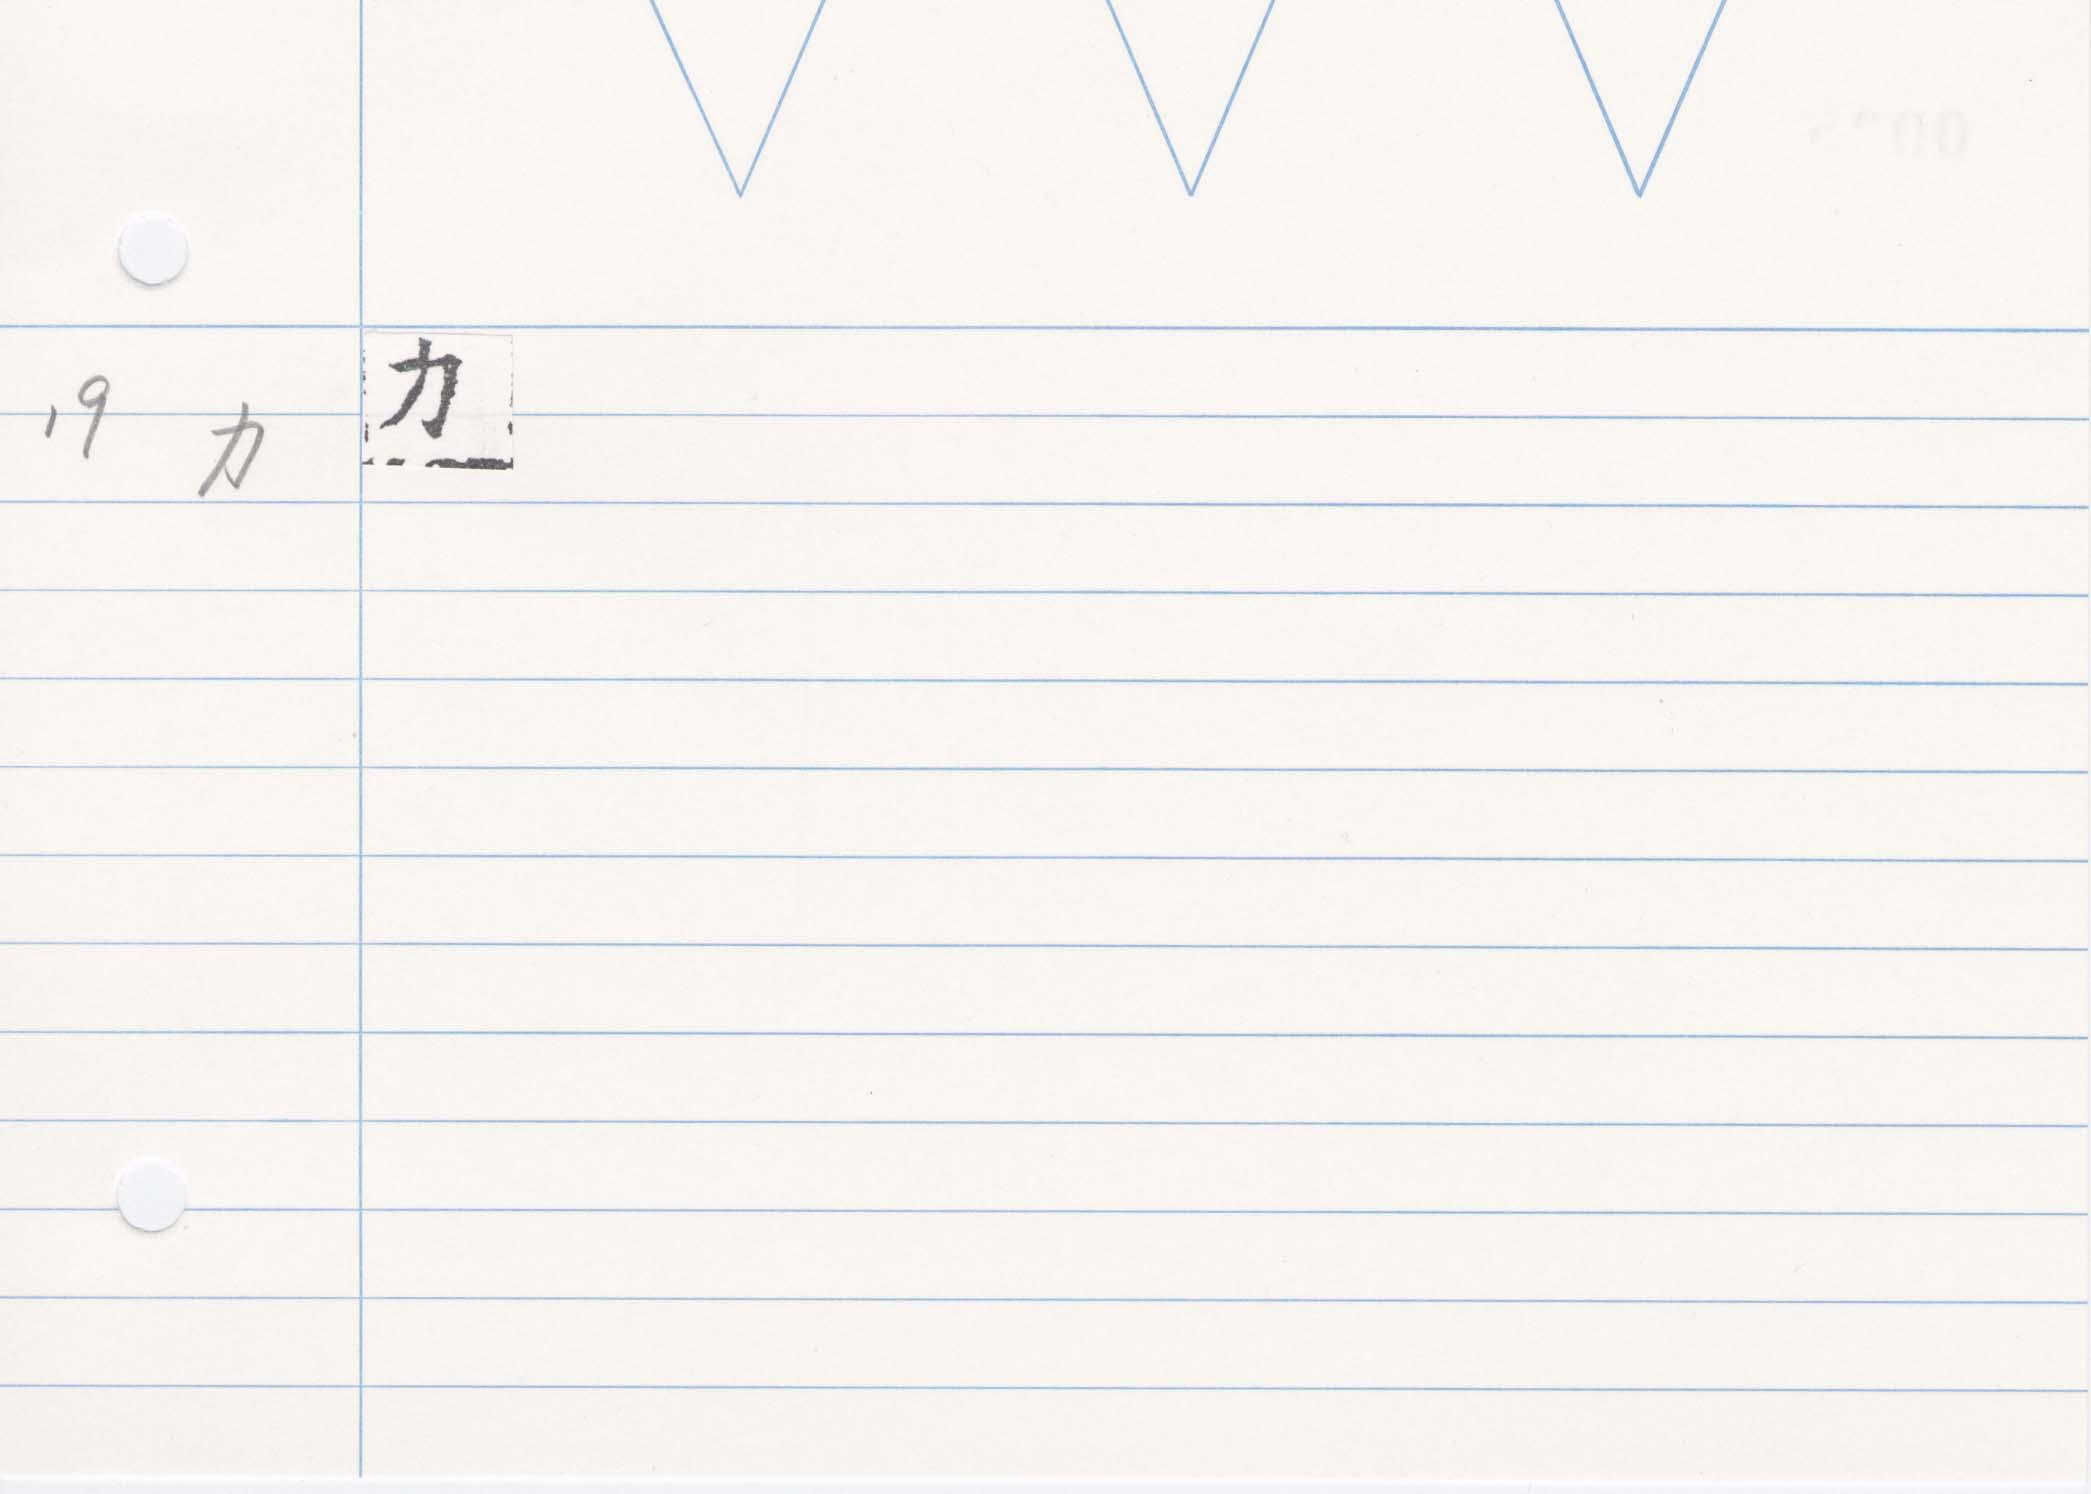 26_齊民要術卷五(高山寺本)/cards/0035.jpg